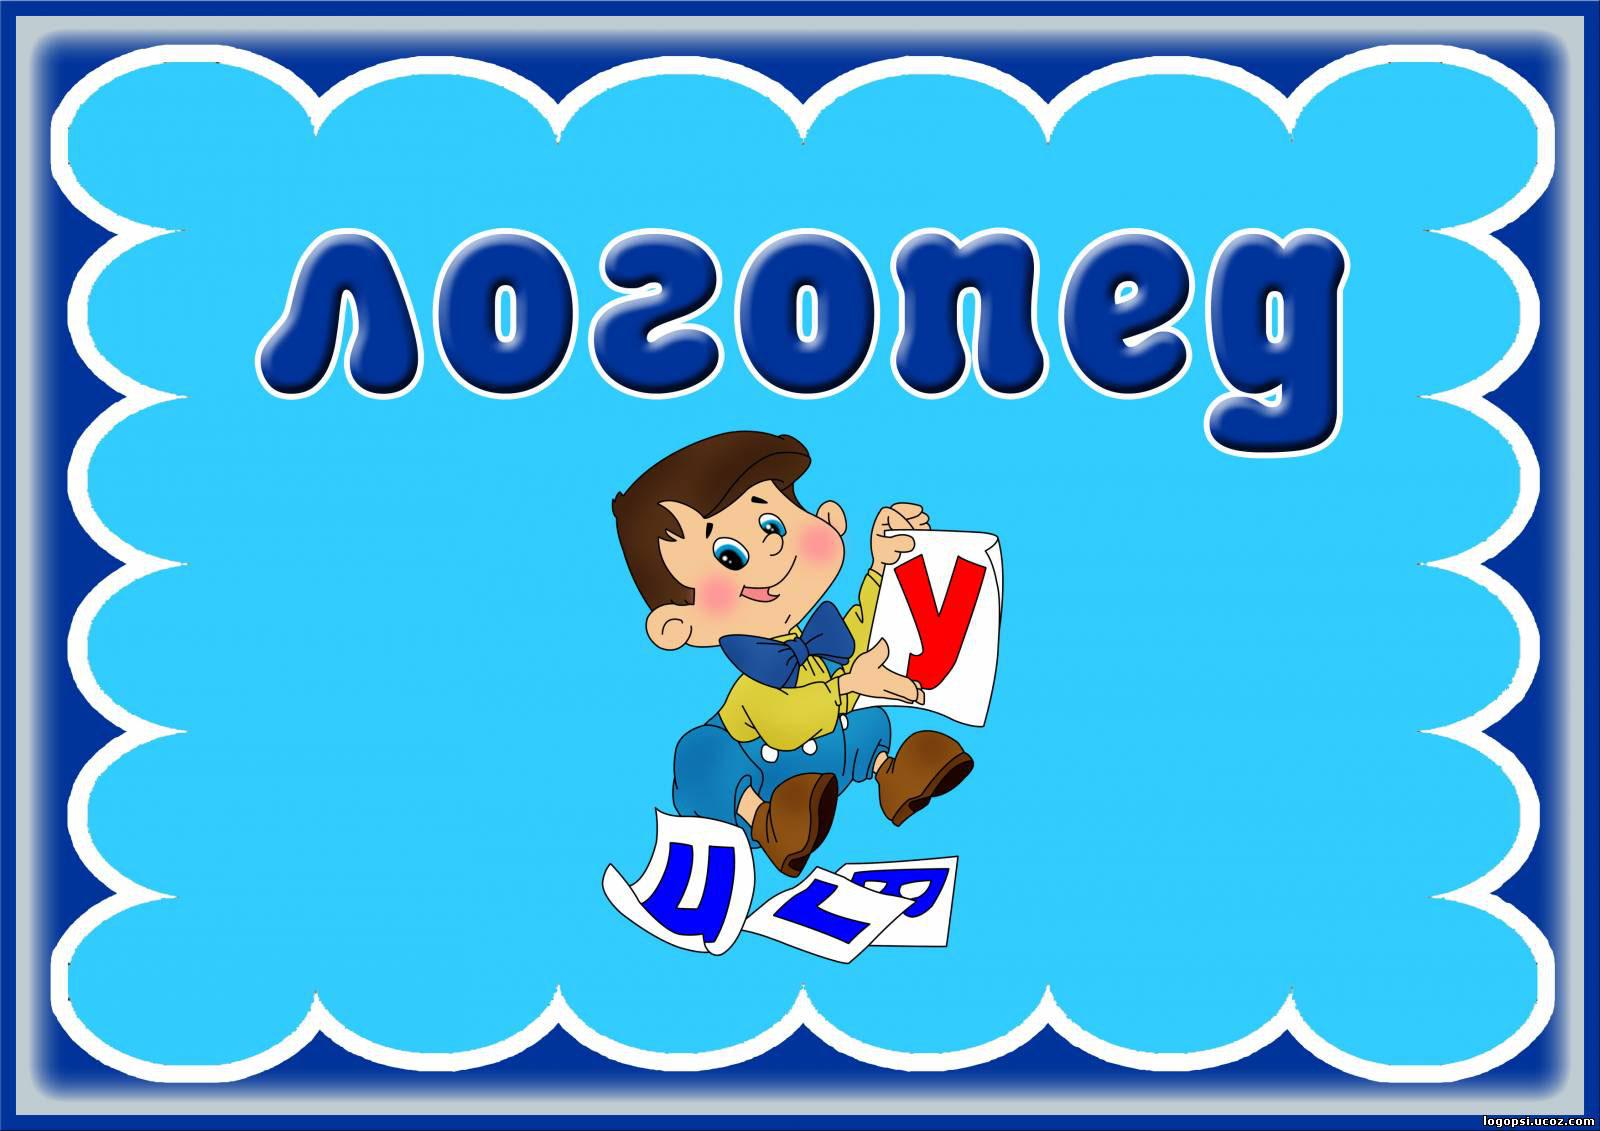 логопед картинка на сайте как подобрать